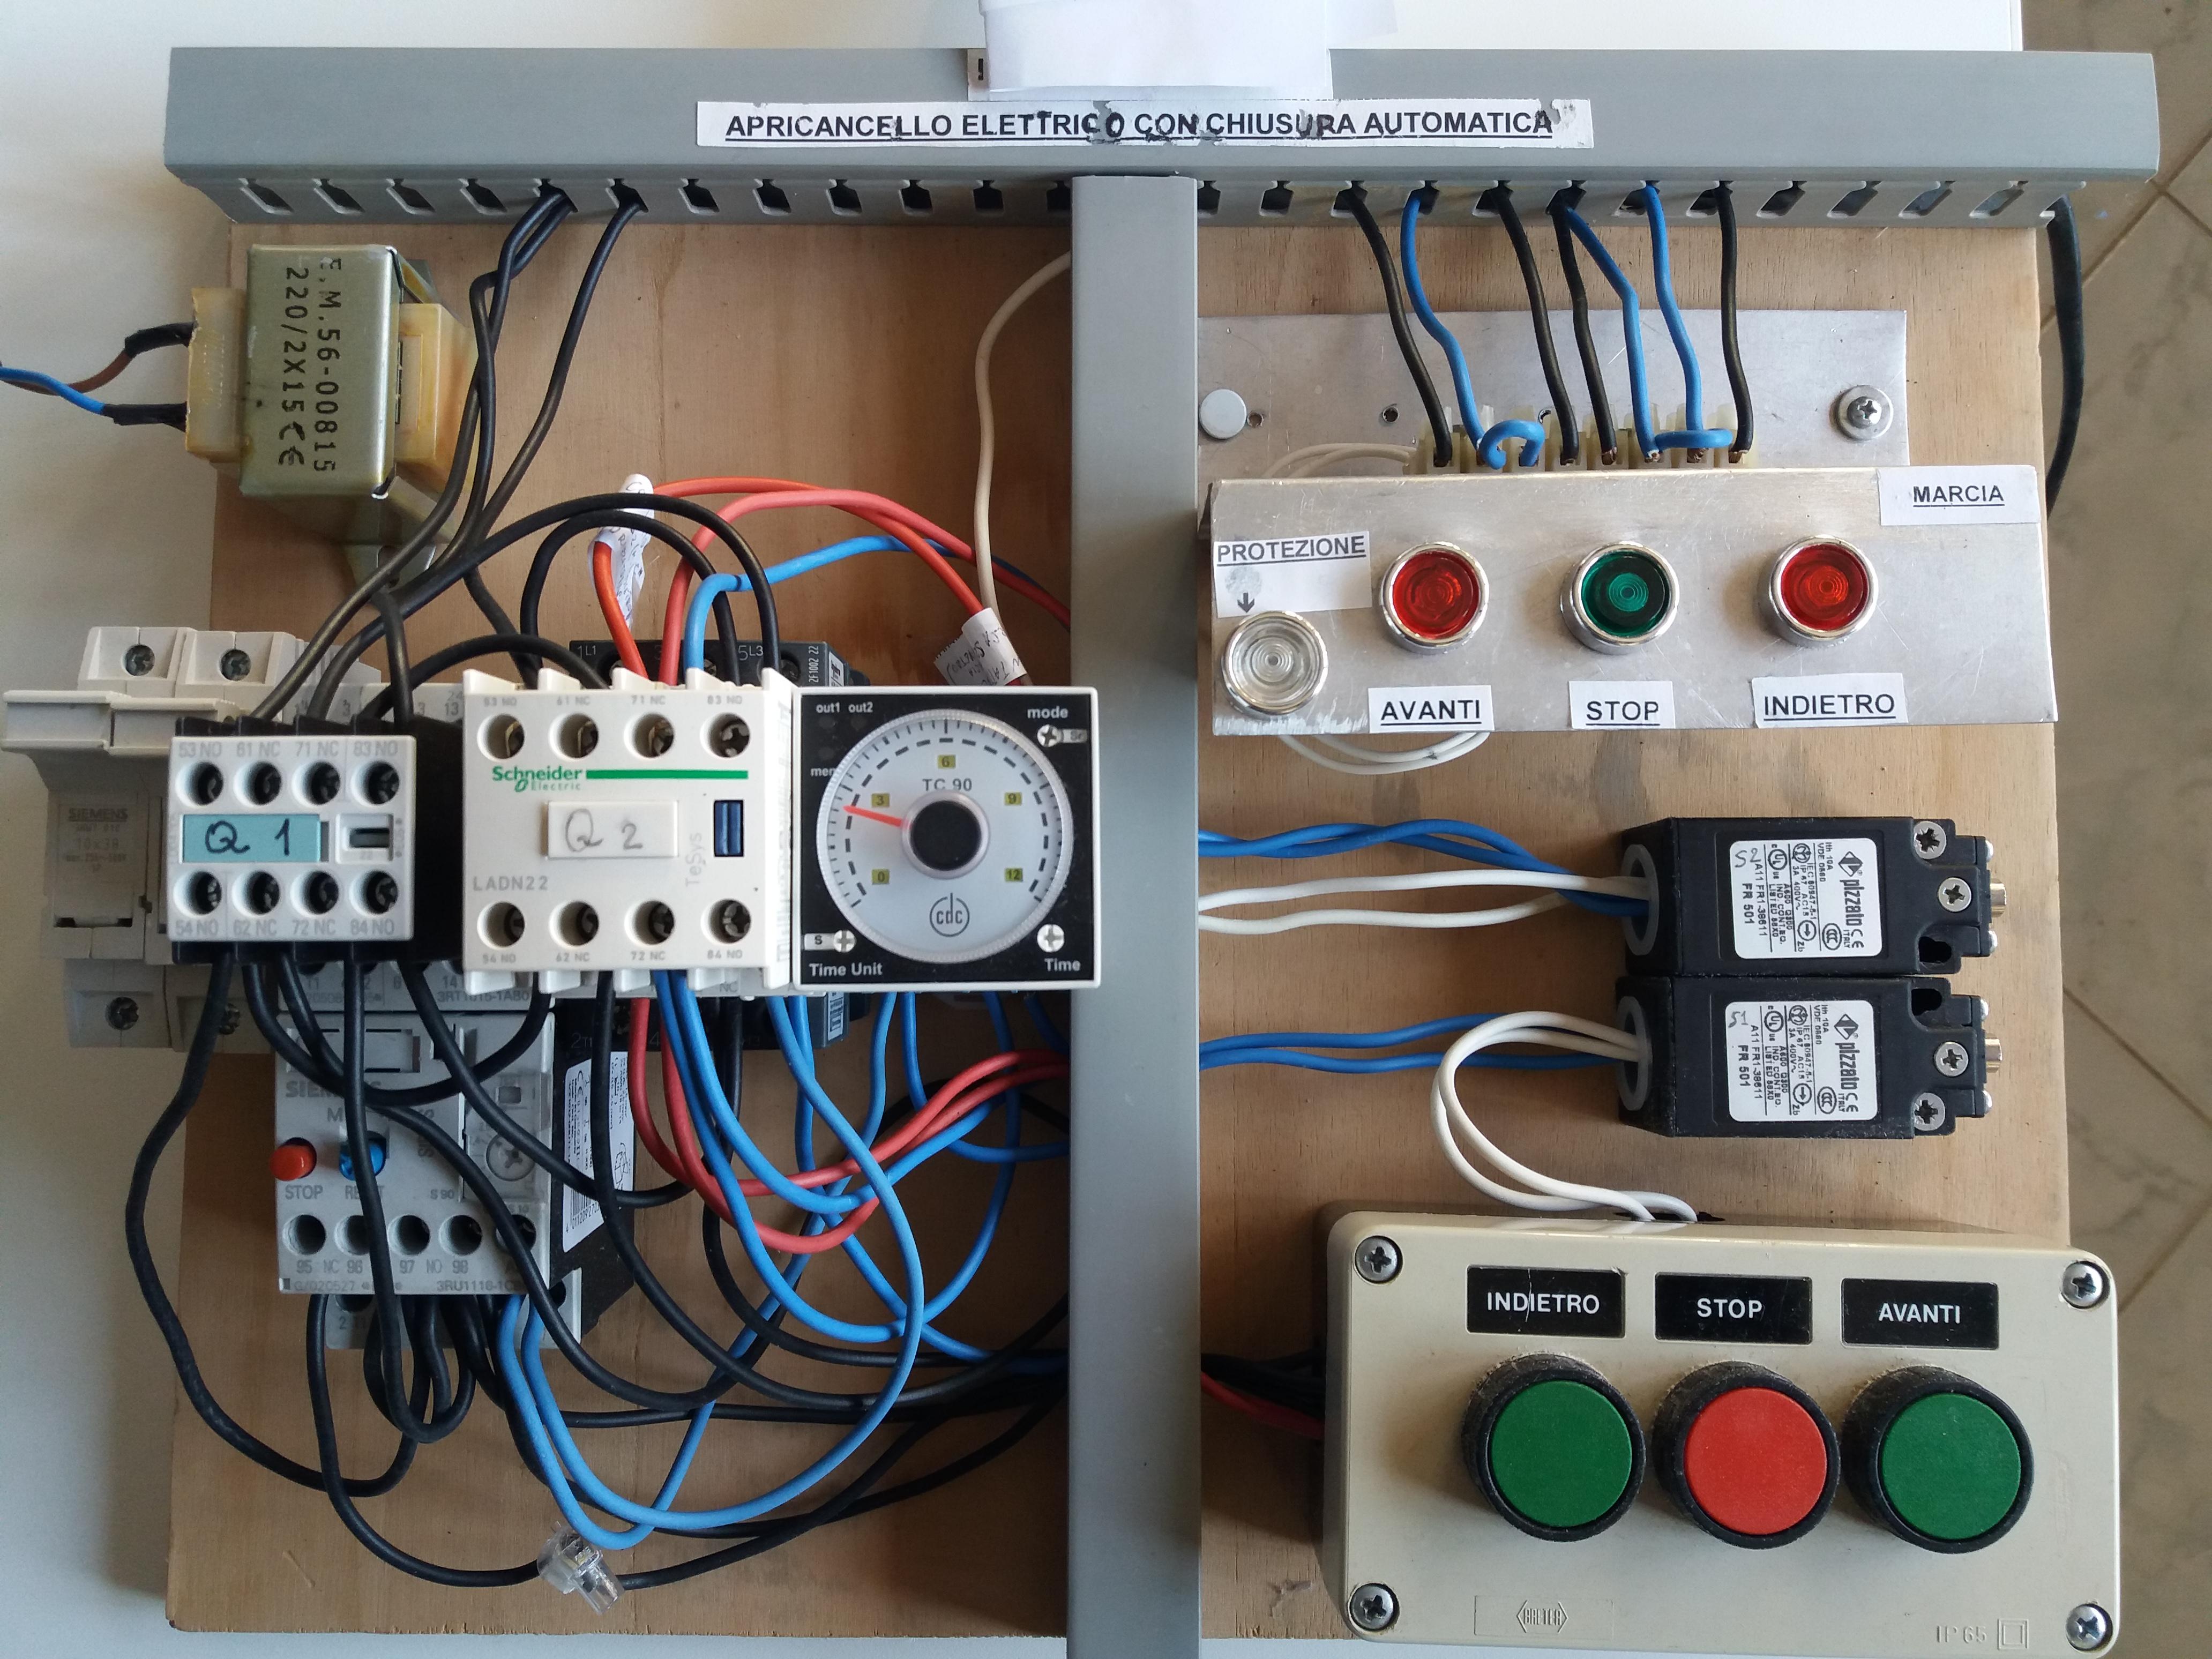 Schema Elettrico Per Automazione Cancello : Teleinversione di marcia applicata ad apricancello elettrico